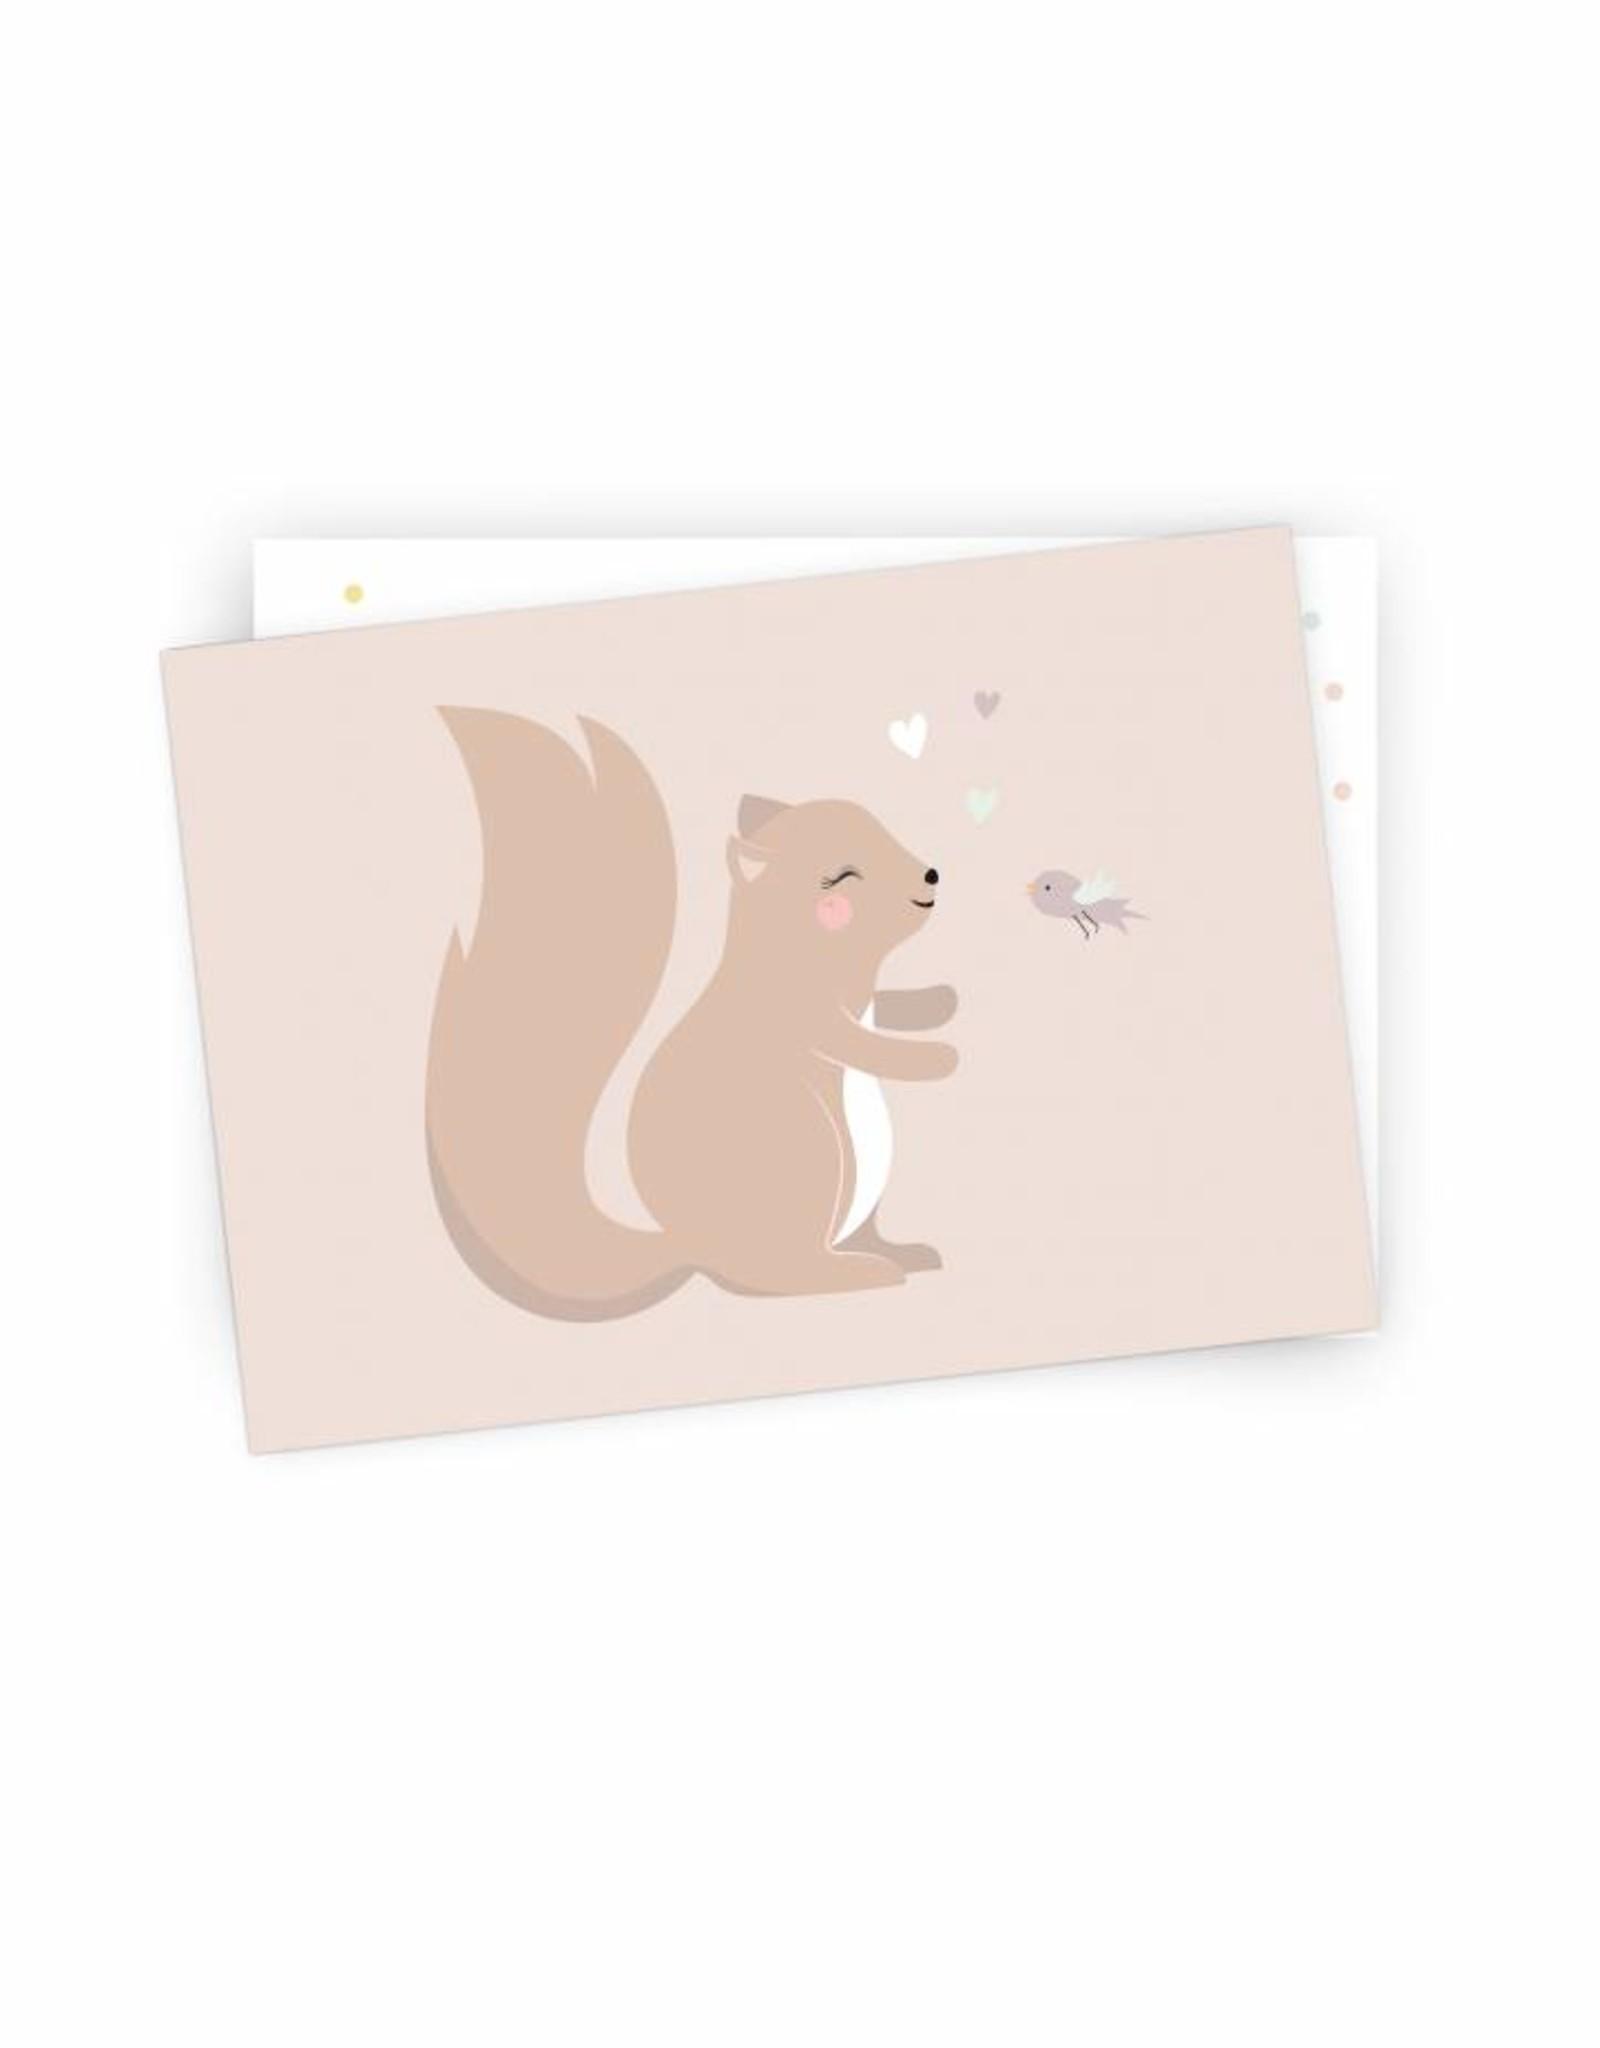 Postkarte Kleines Eichhörnchen- Original Mimirella Illustration